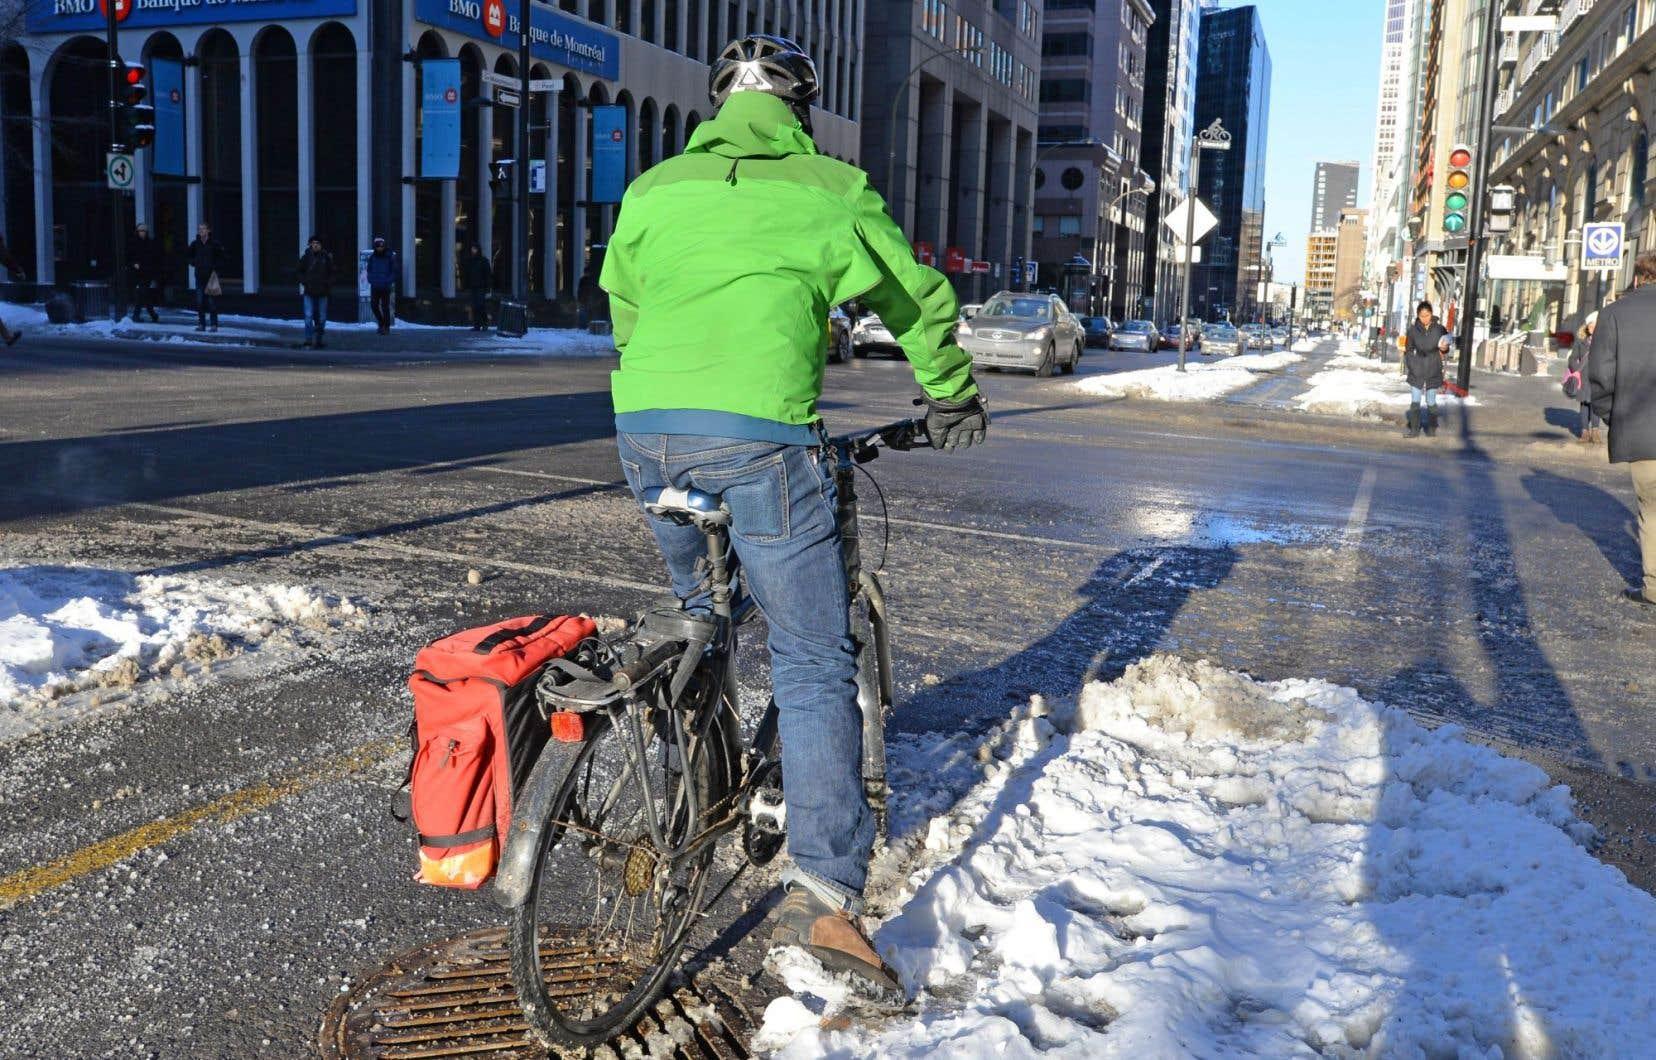 «En employant devant le conseil municipal l'exemple très mal choisi de la formation sur le vélo d'hiver que j'ai donnée, c'est devant tous les Montréalais et Montréalaises que vous m'avez rabaissé», dit le bénévole Laurent Deslauriers.